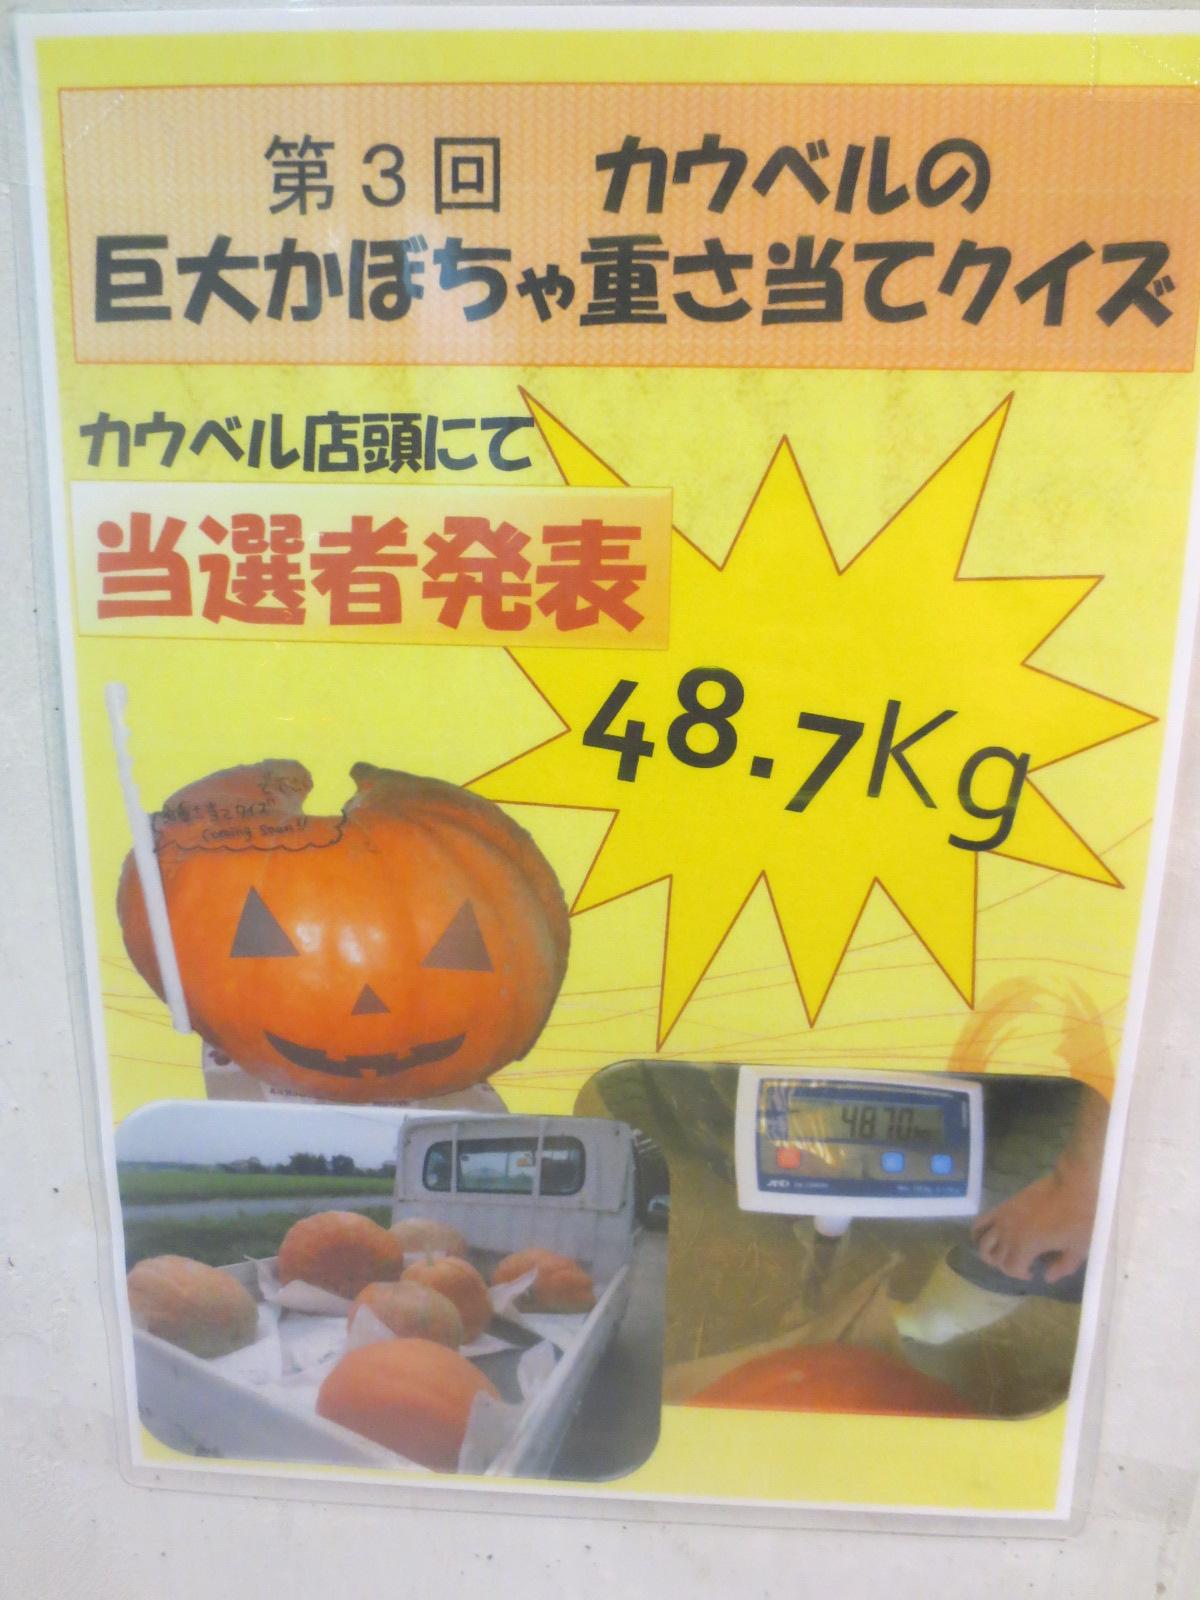 巨大かぼちゃ重さ当てクイズ当選発表